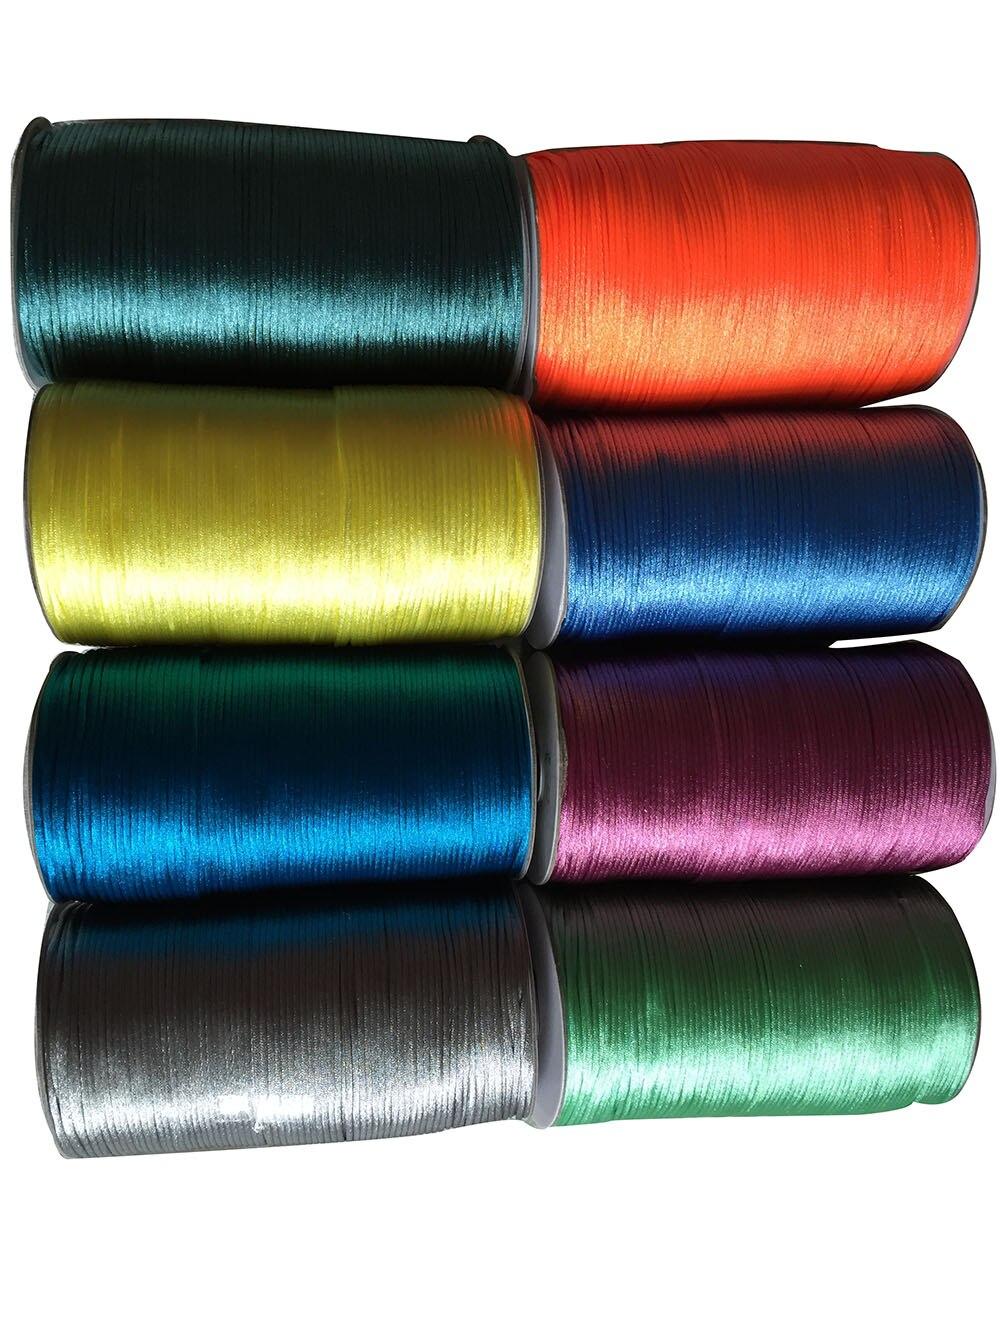 ¡U recoger! Cordón de nailon satinado de 2,5mm-Bricolaje joyería cuerda de macramé cadena accesorios 250 m/rollo 44 colores elección